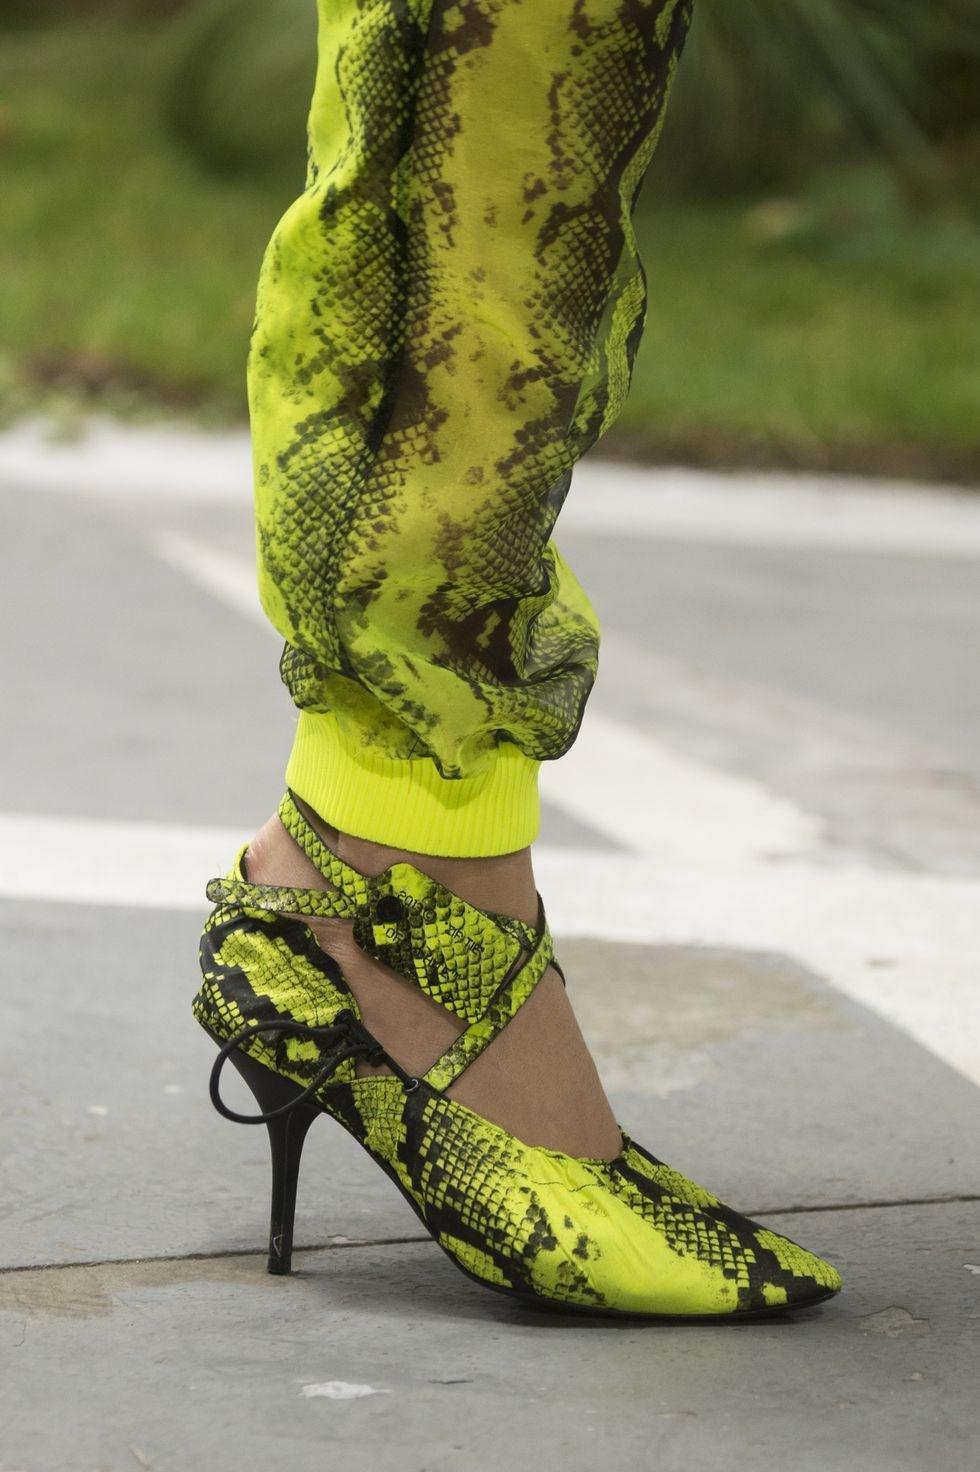 صندال صنادل احذية رائجة تصميم حذاء رائج ربيع 2019 اوف وايت off-white